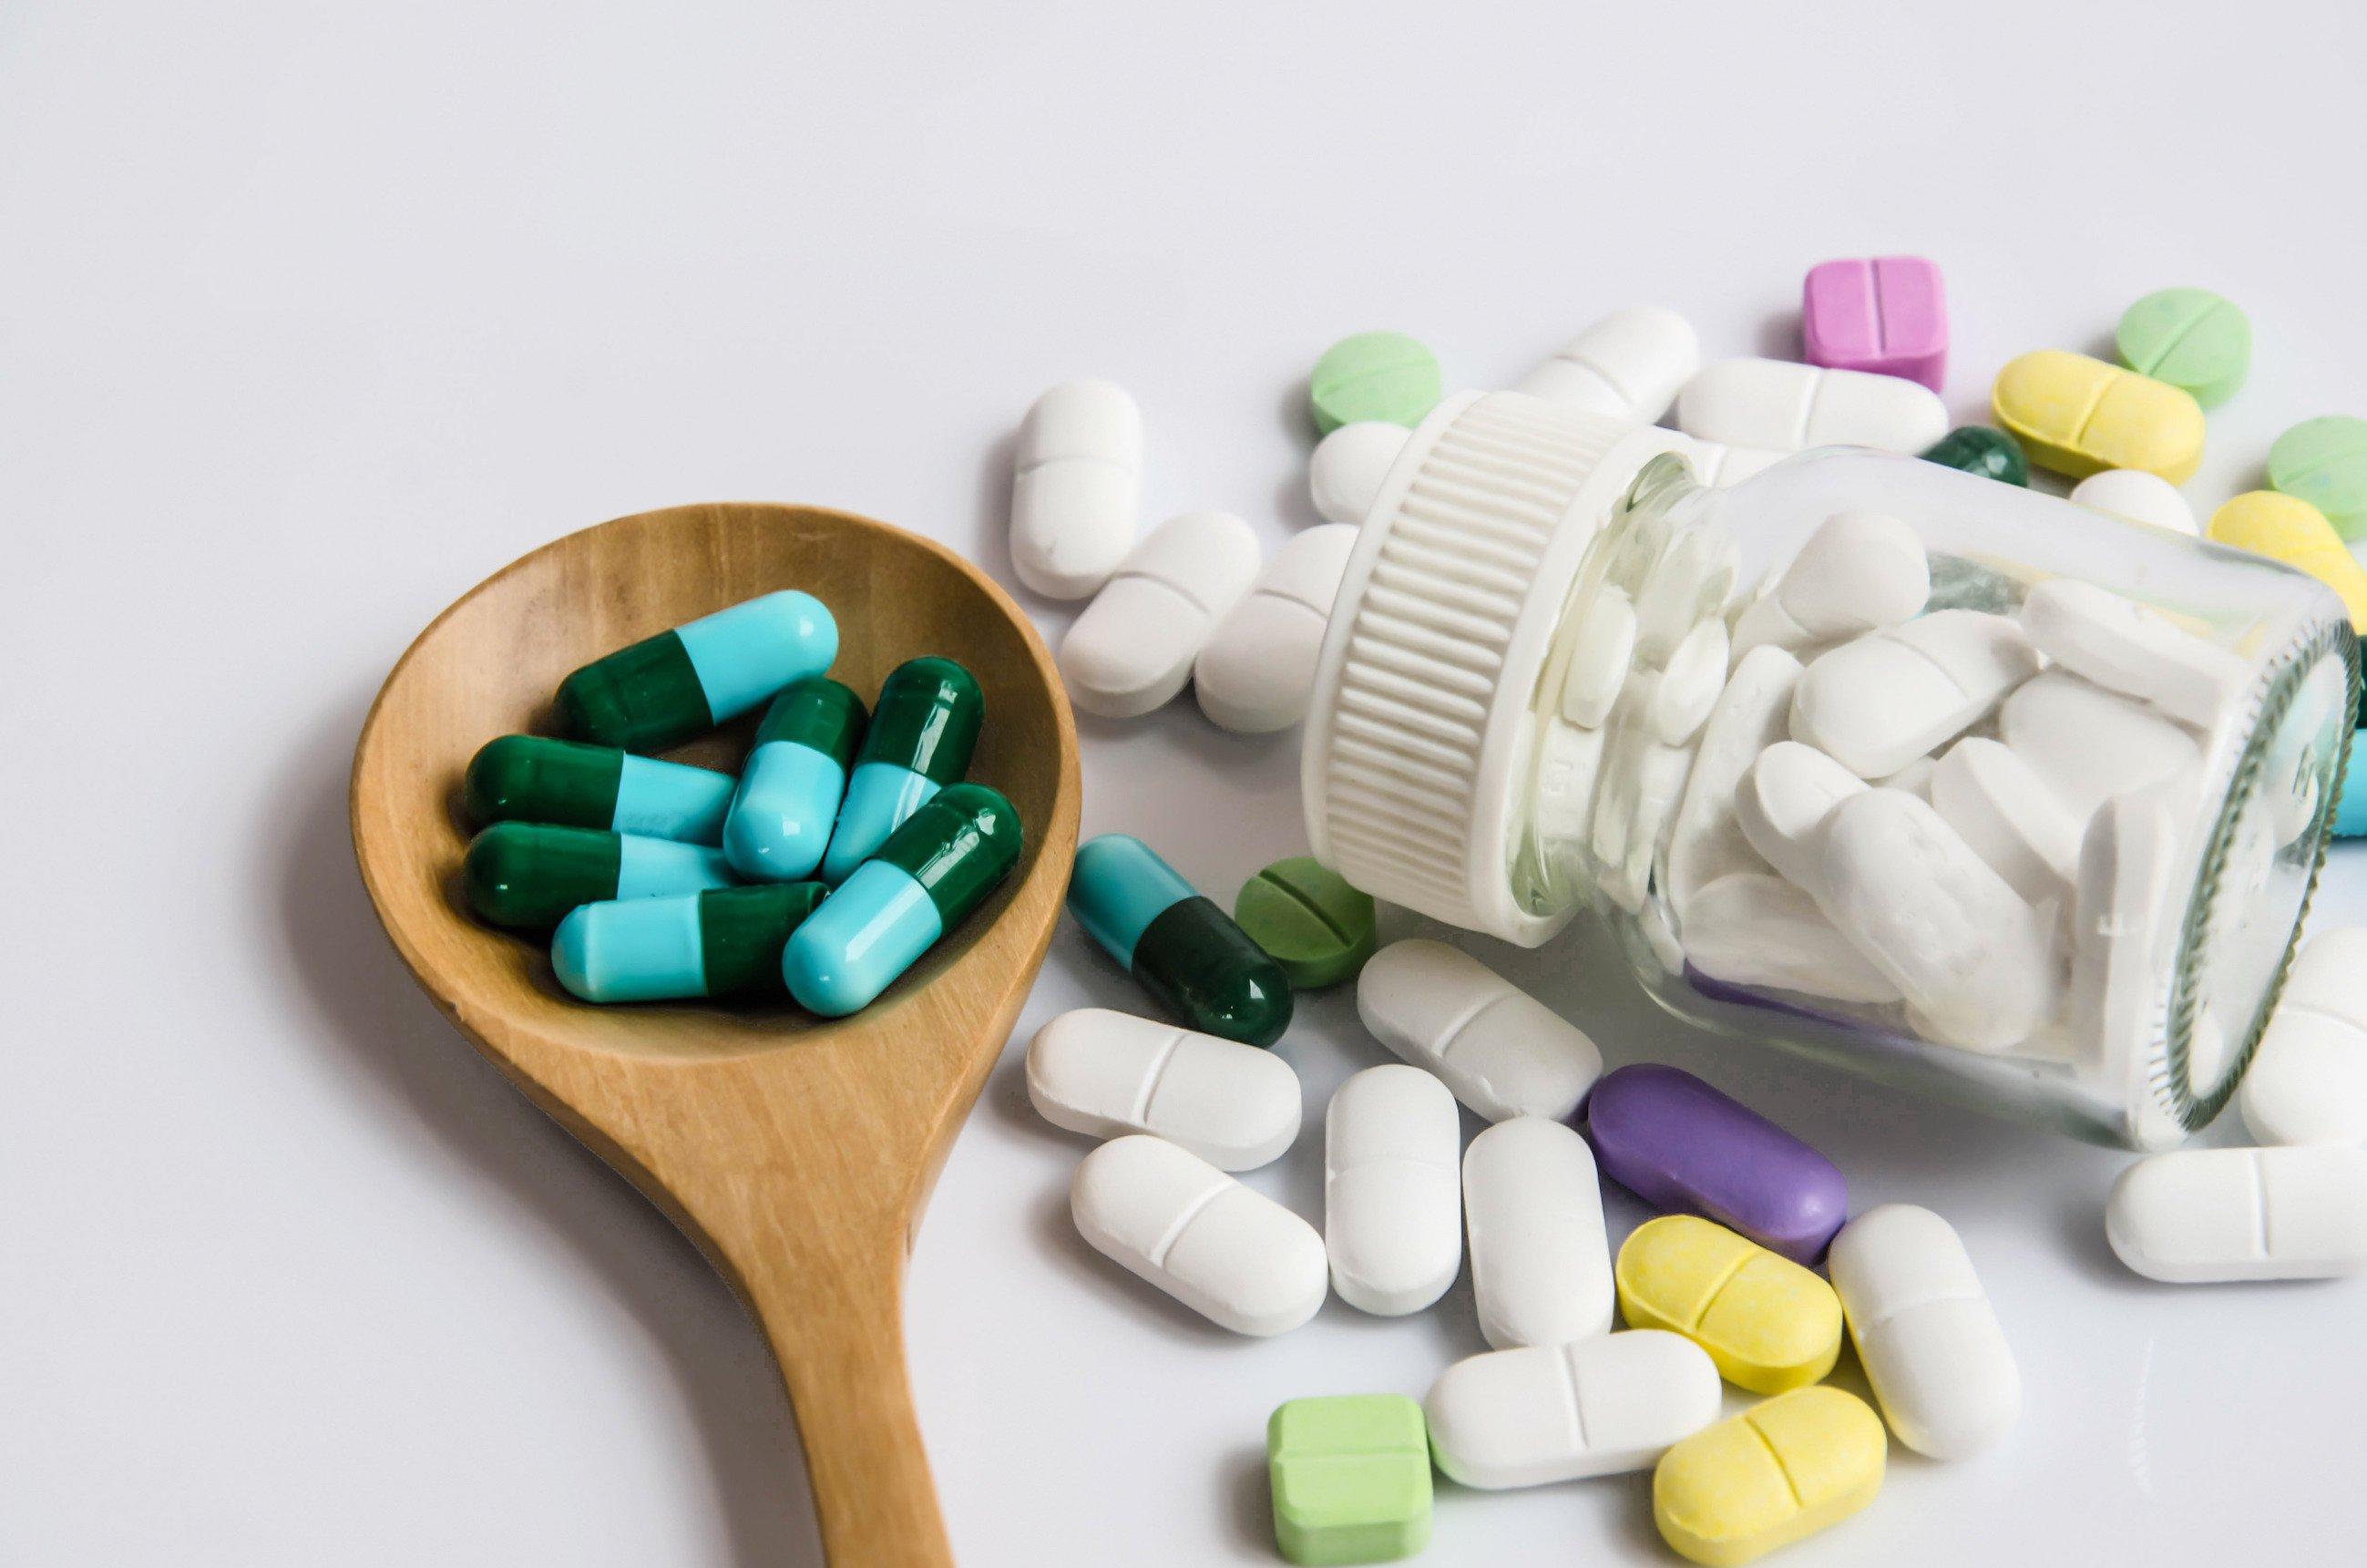 Bewezen: Vitamine D-supplementen verkleinen kans op griep